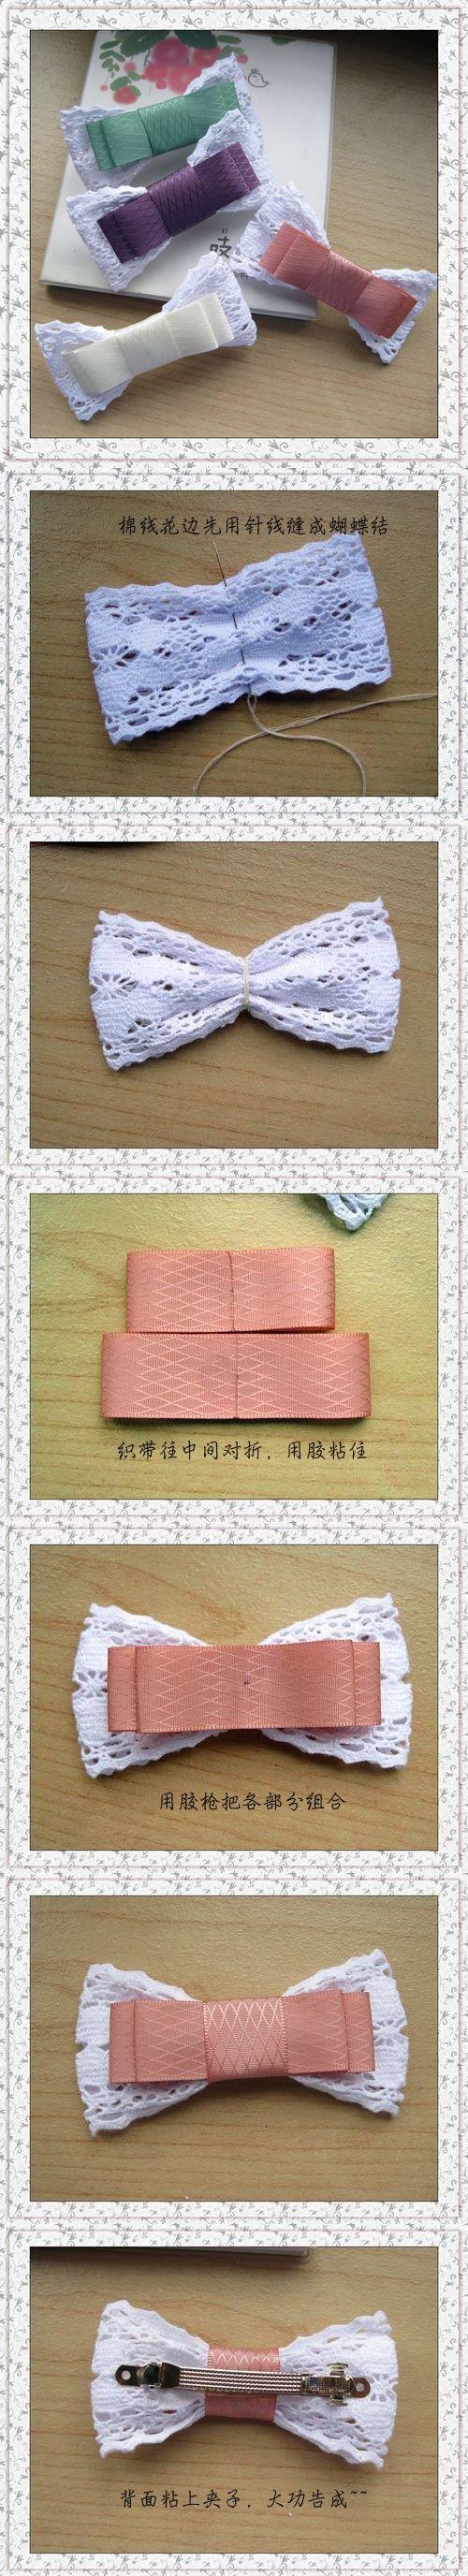 蝴蝶结 Lace back hair bow...cute idea for my adorable nieces.